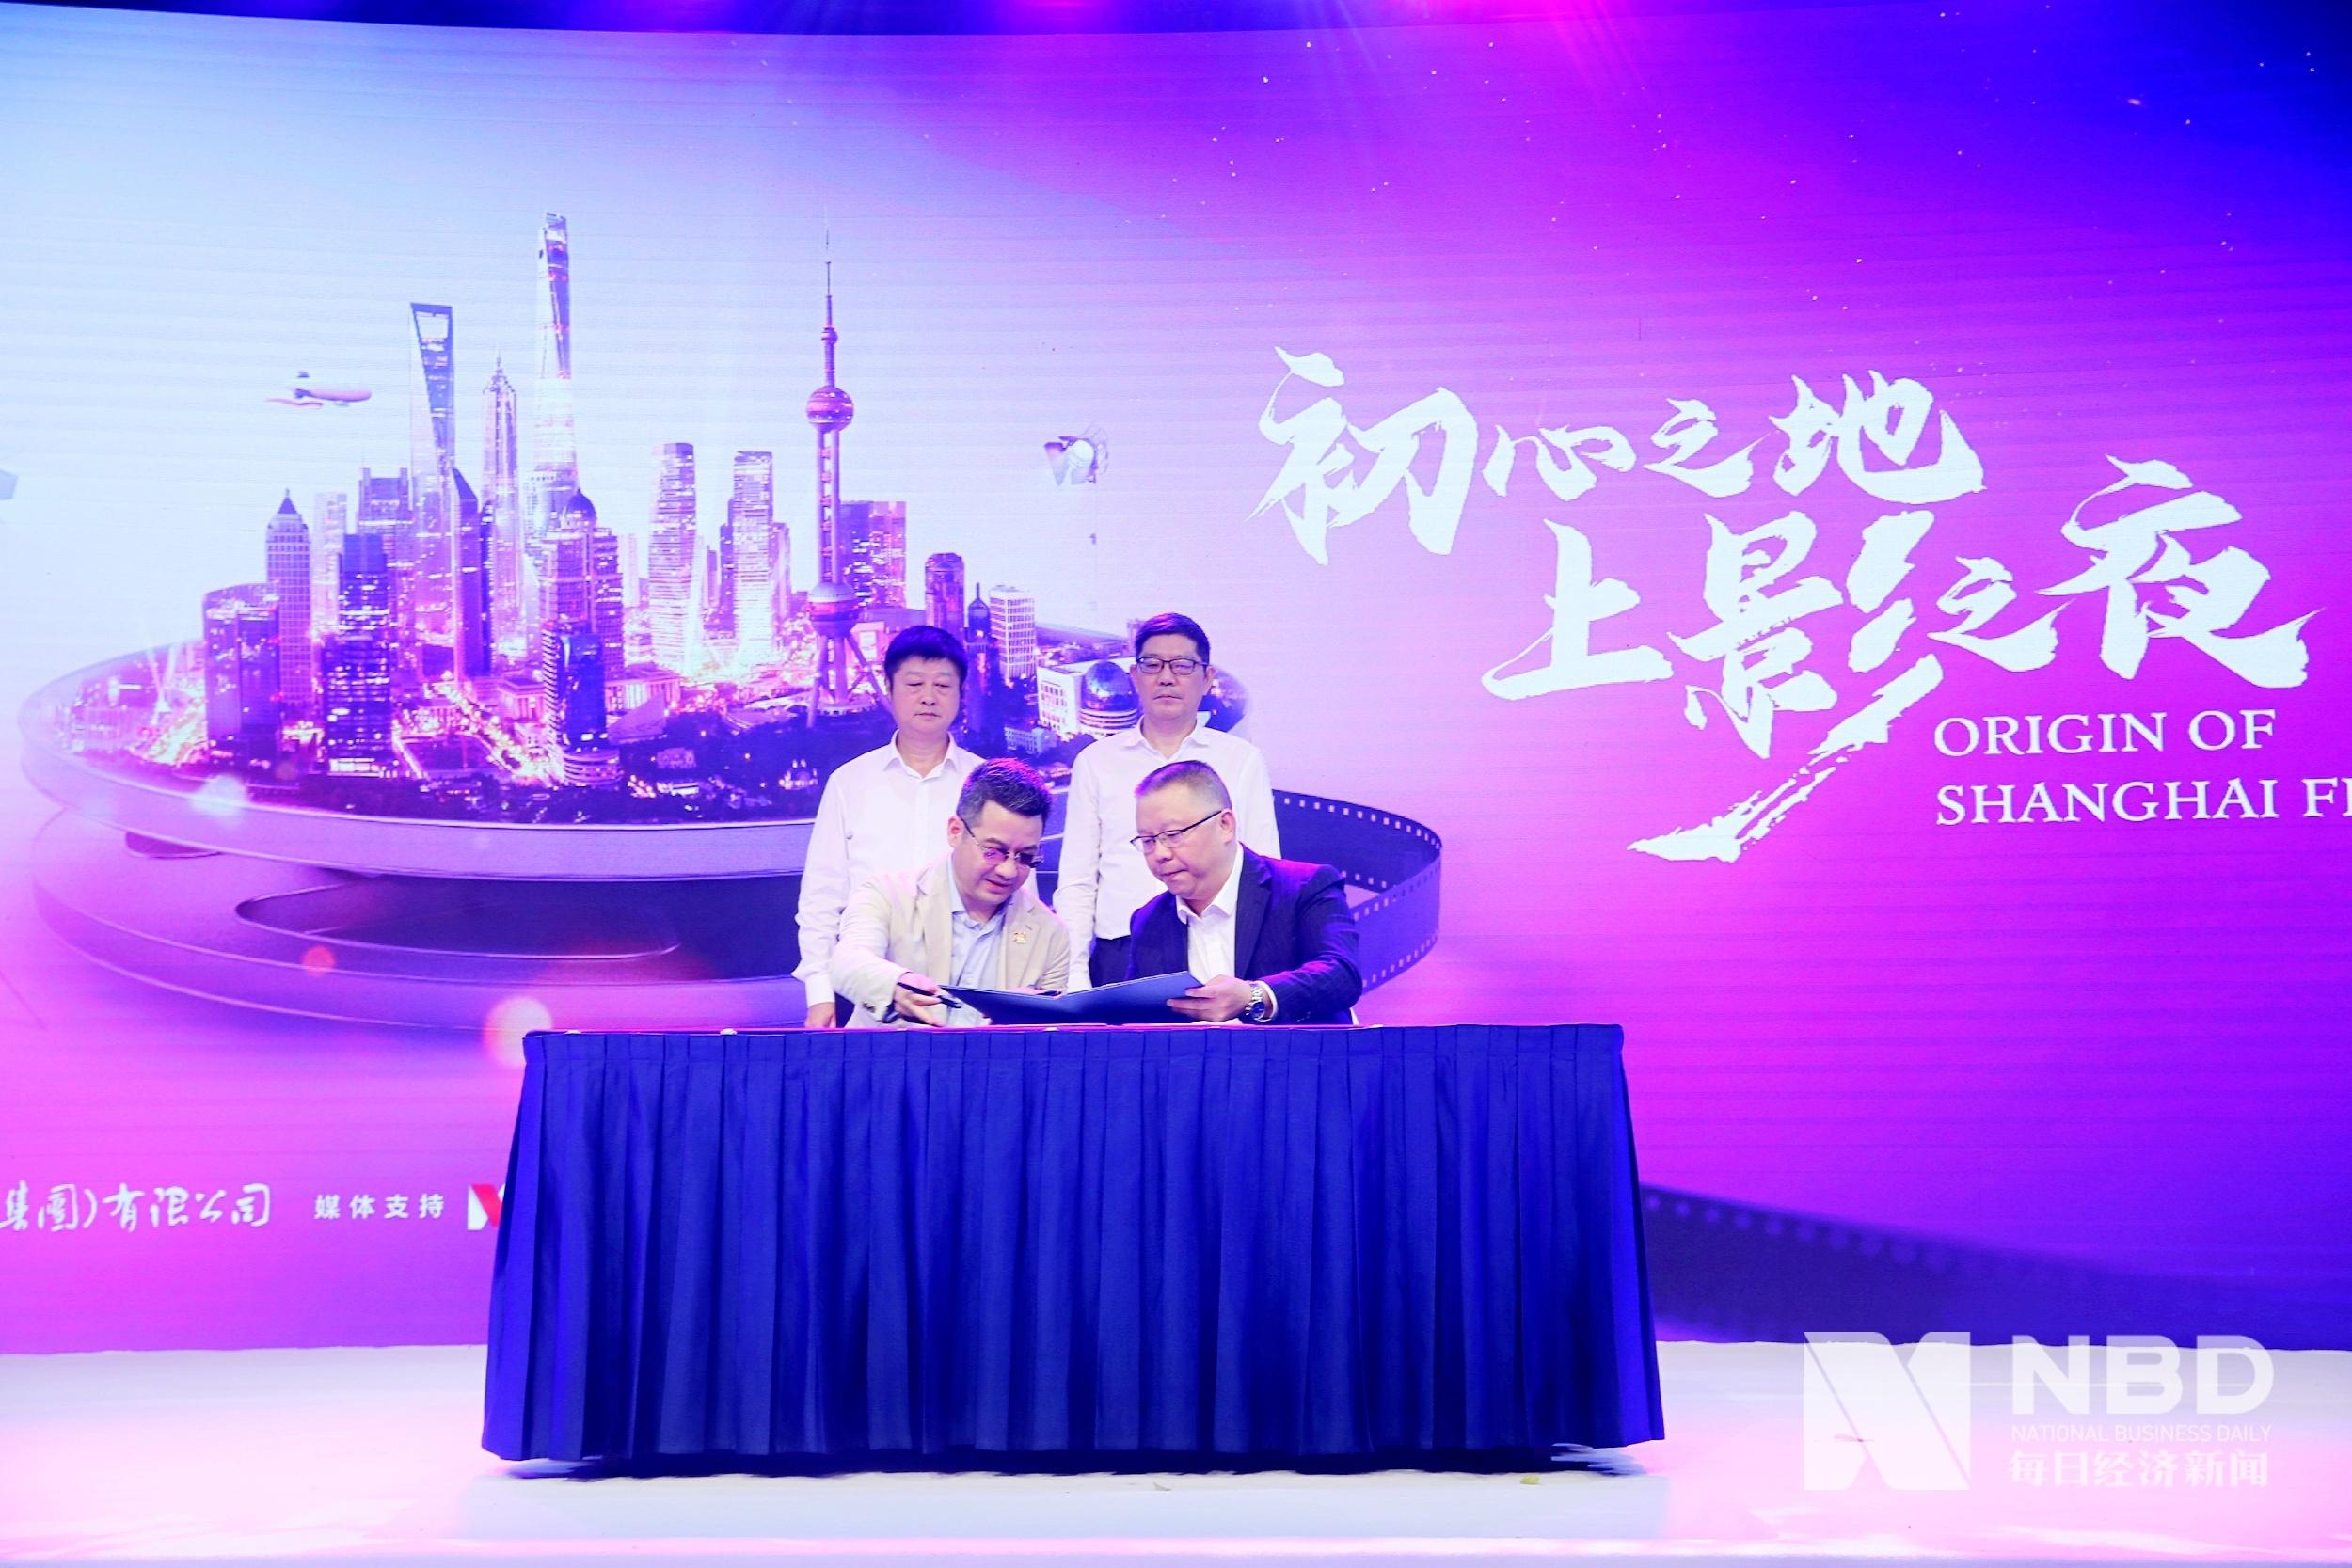 电影龙头企业牵手一流财经媒体 上海电影与每日经济新闻启动深入合作